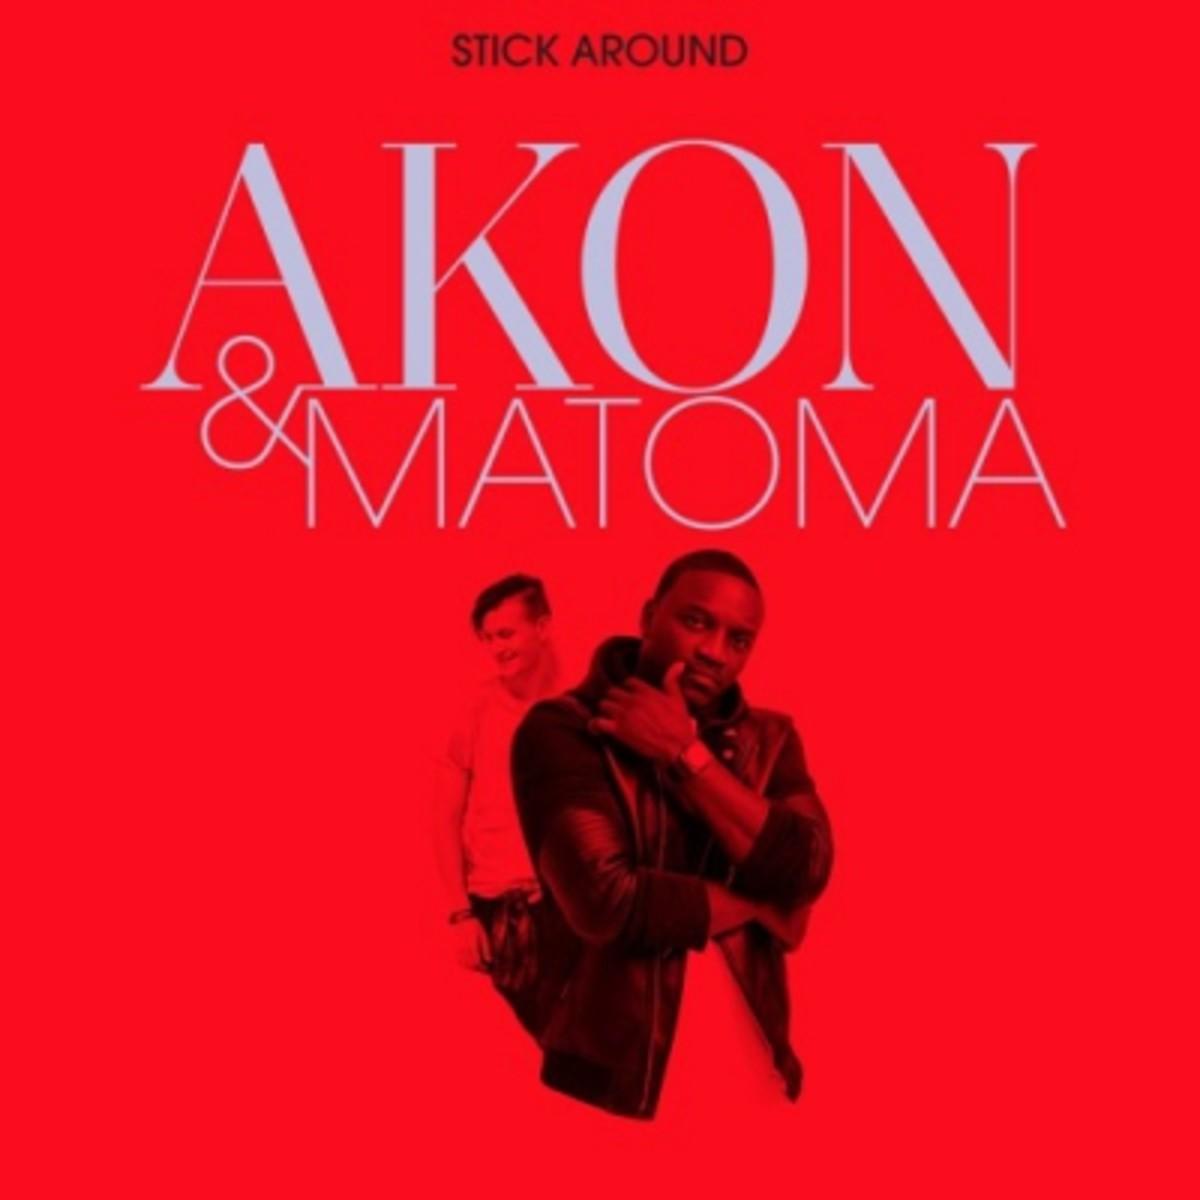 akon-matoma-stick-around.jpg